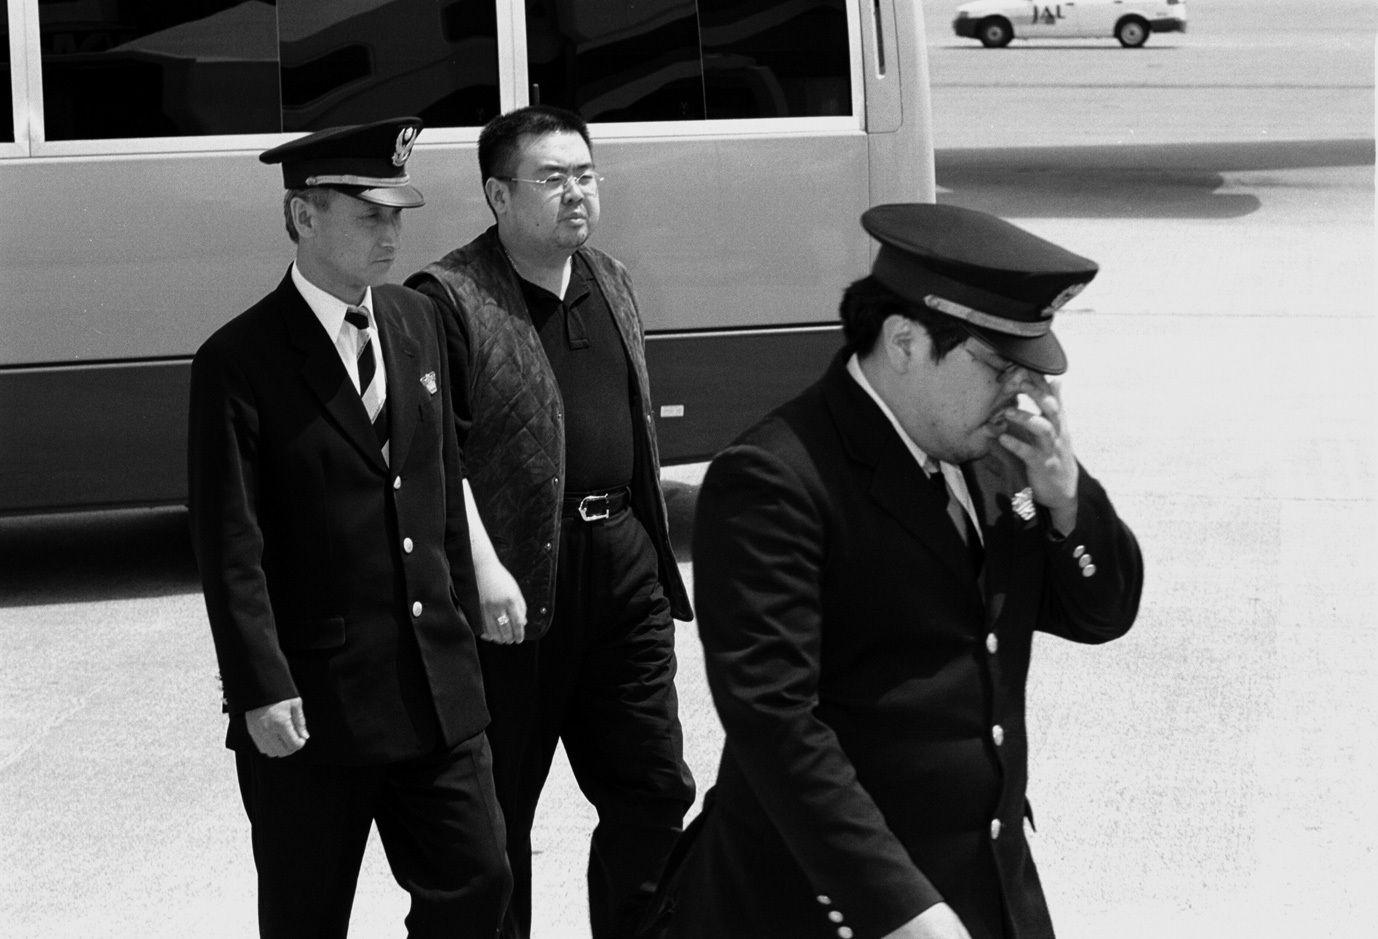 日本の入国管理局で拘束された際の金正男氏 写真提供:五味洋治